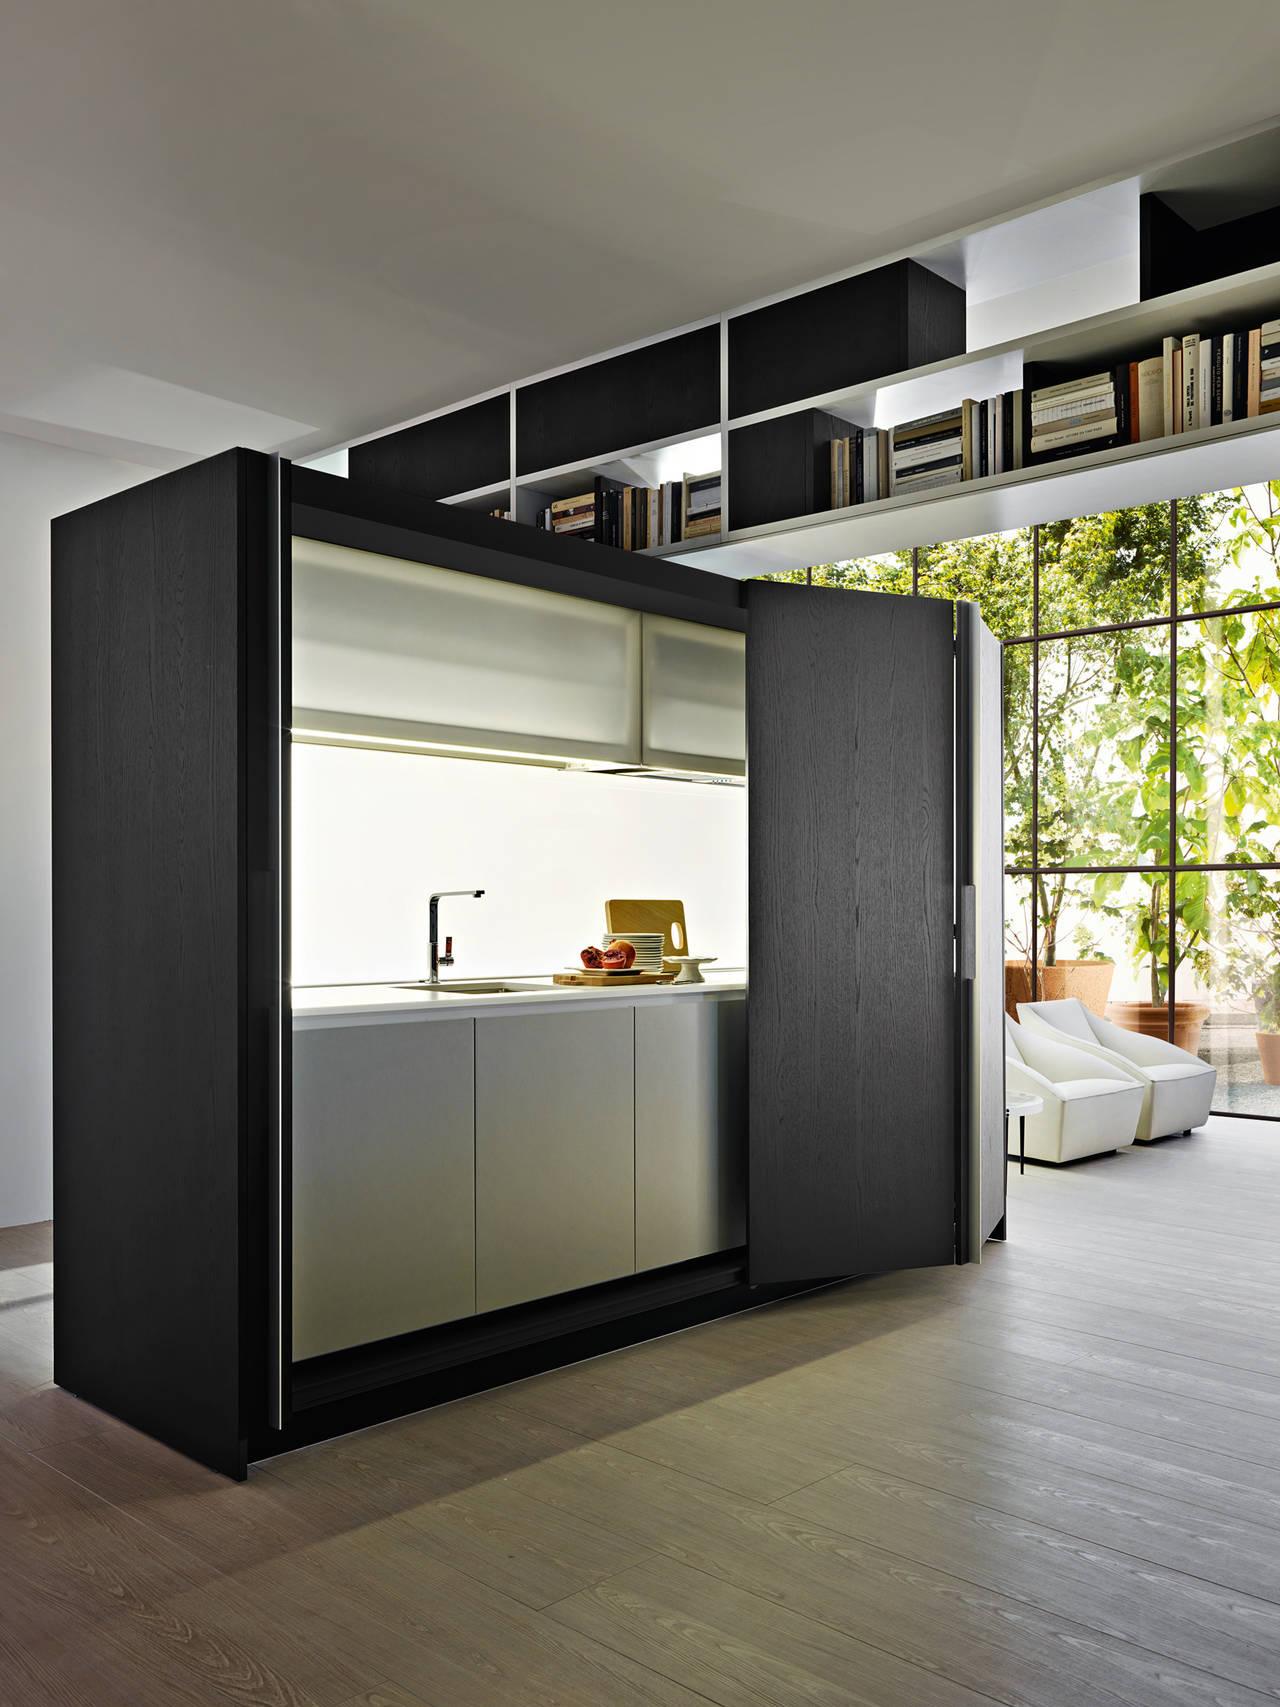 Mini Cucine A Scomparsa cucine in formato compatto, creative e mini per piccoli spazi